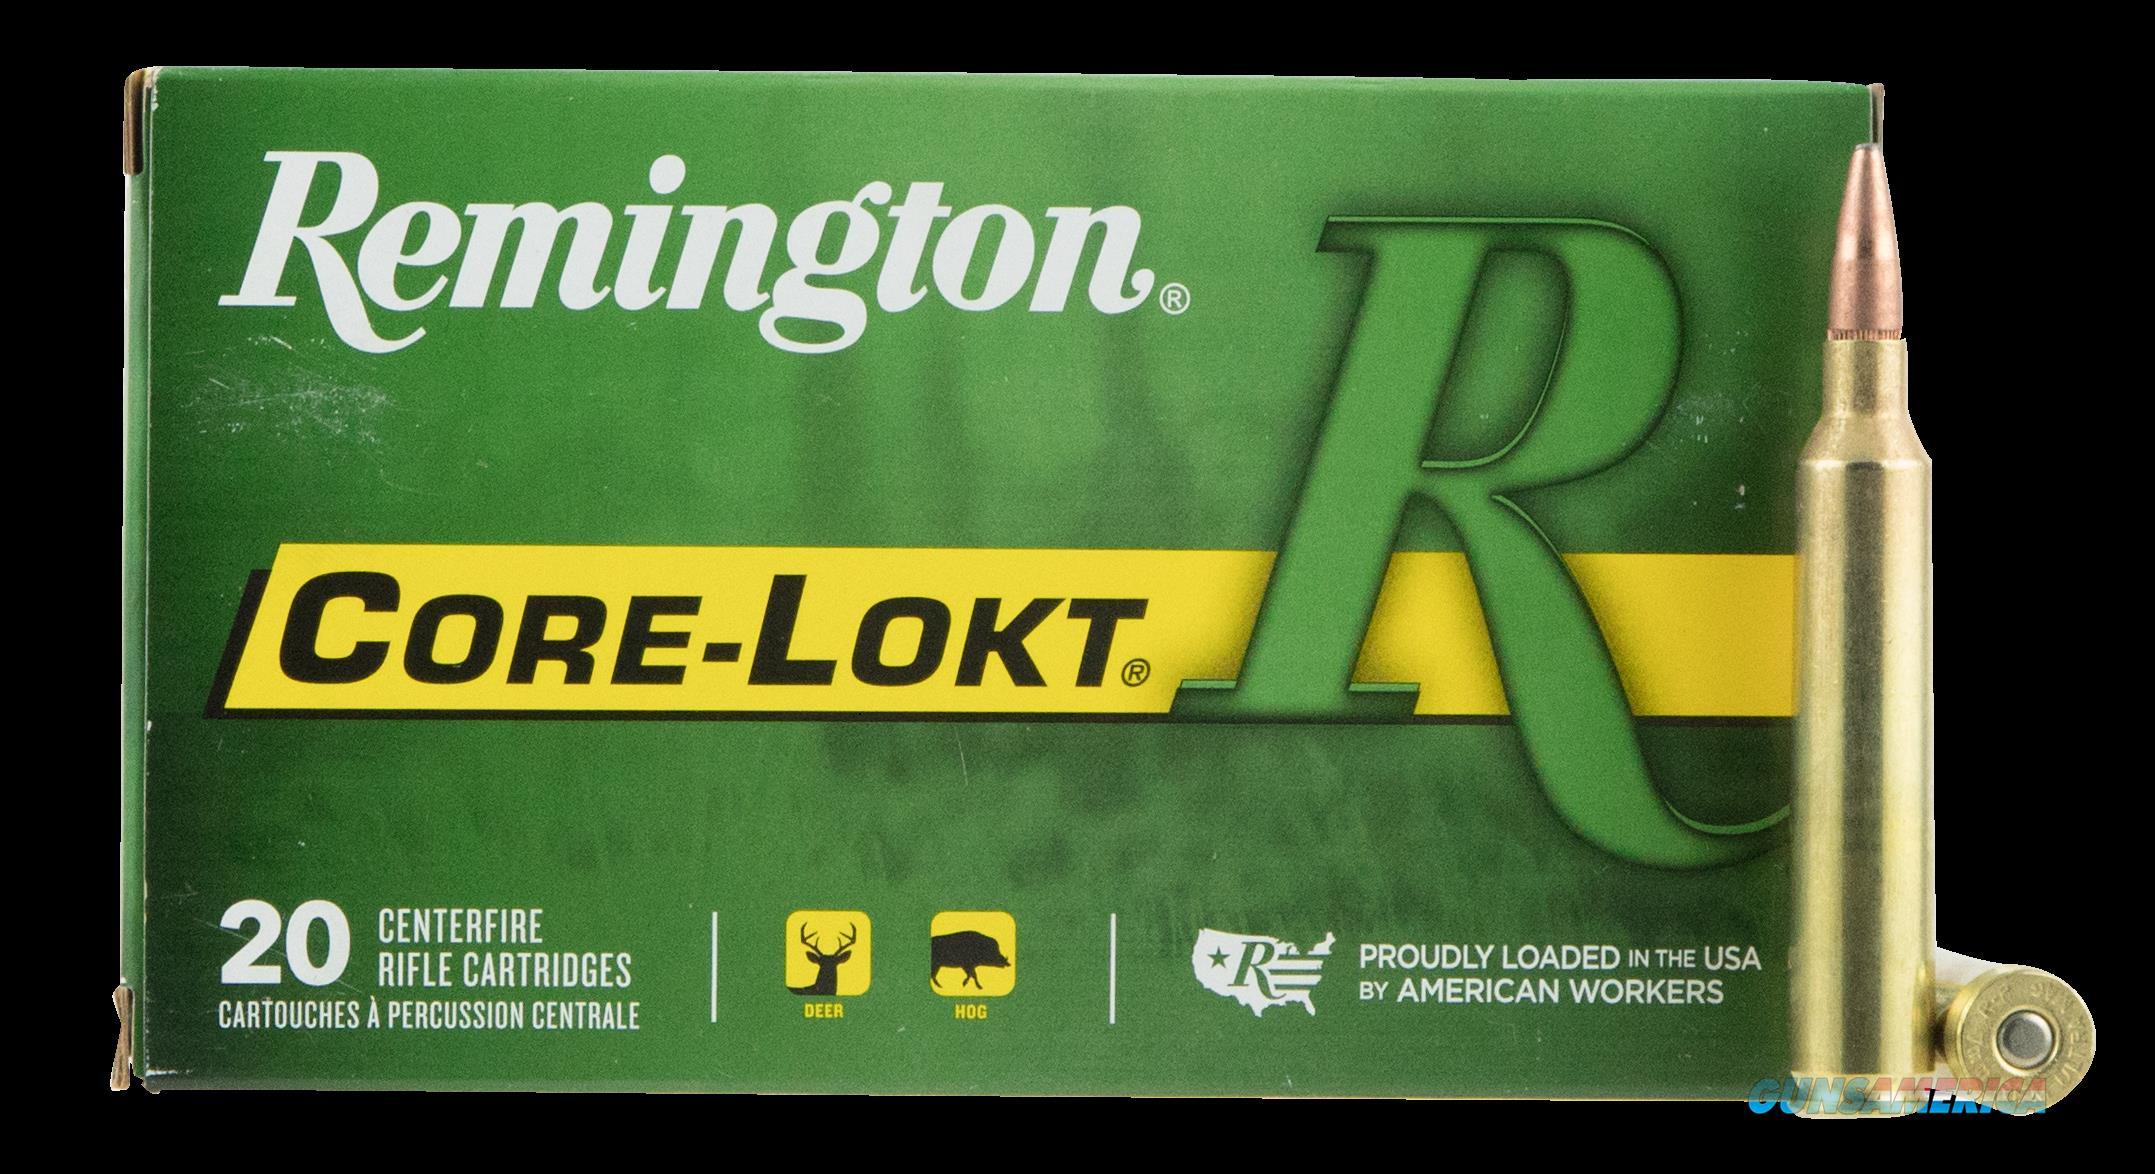 Remington Ammunition Core-lokt, Rem 27759 R7rum01 7mmrum   150 Pspcl   20-10  Guns > Pistols > 1911 Pistol Copies (non-Colt)